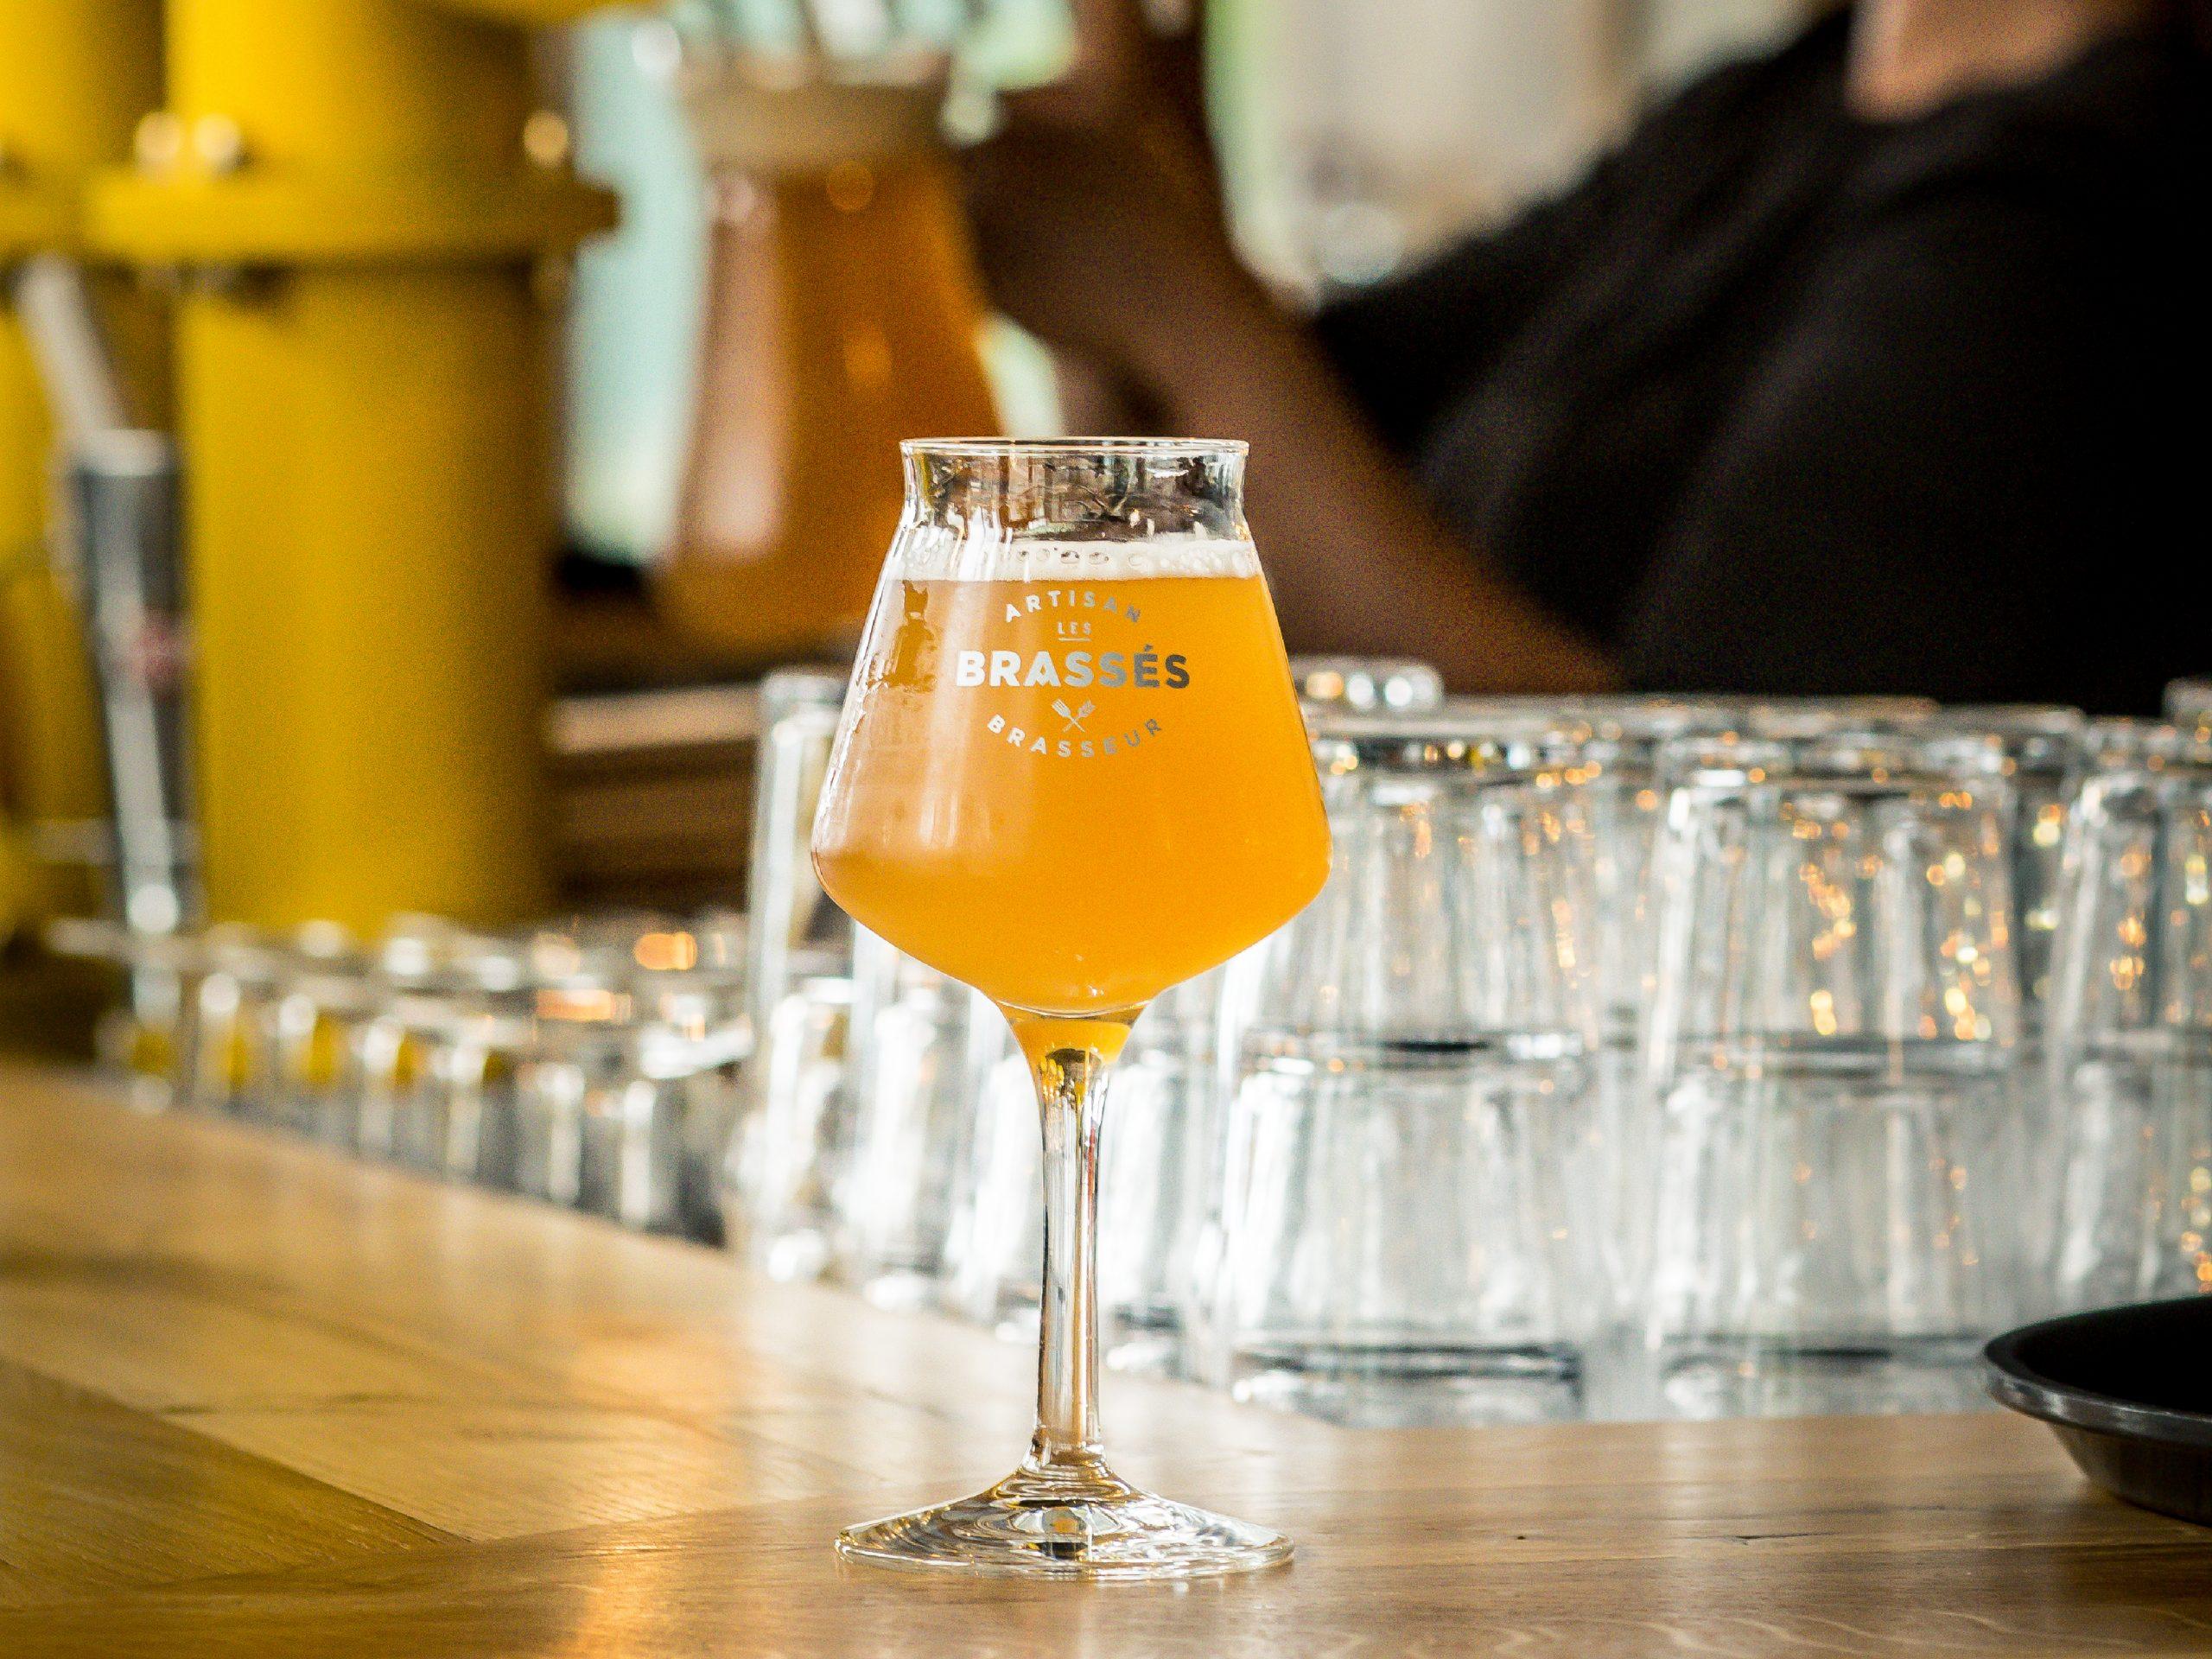 Bière dans la brasserie Les Brassés à Nantes